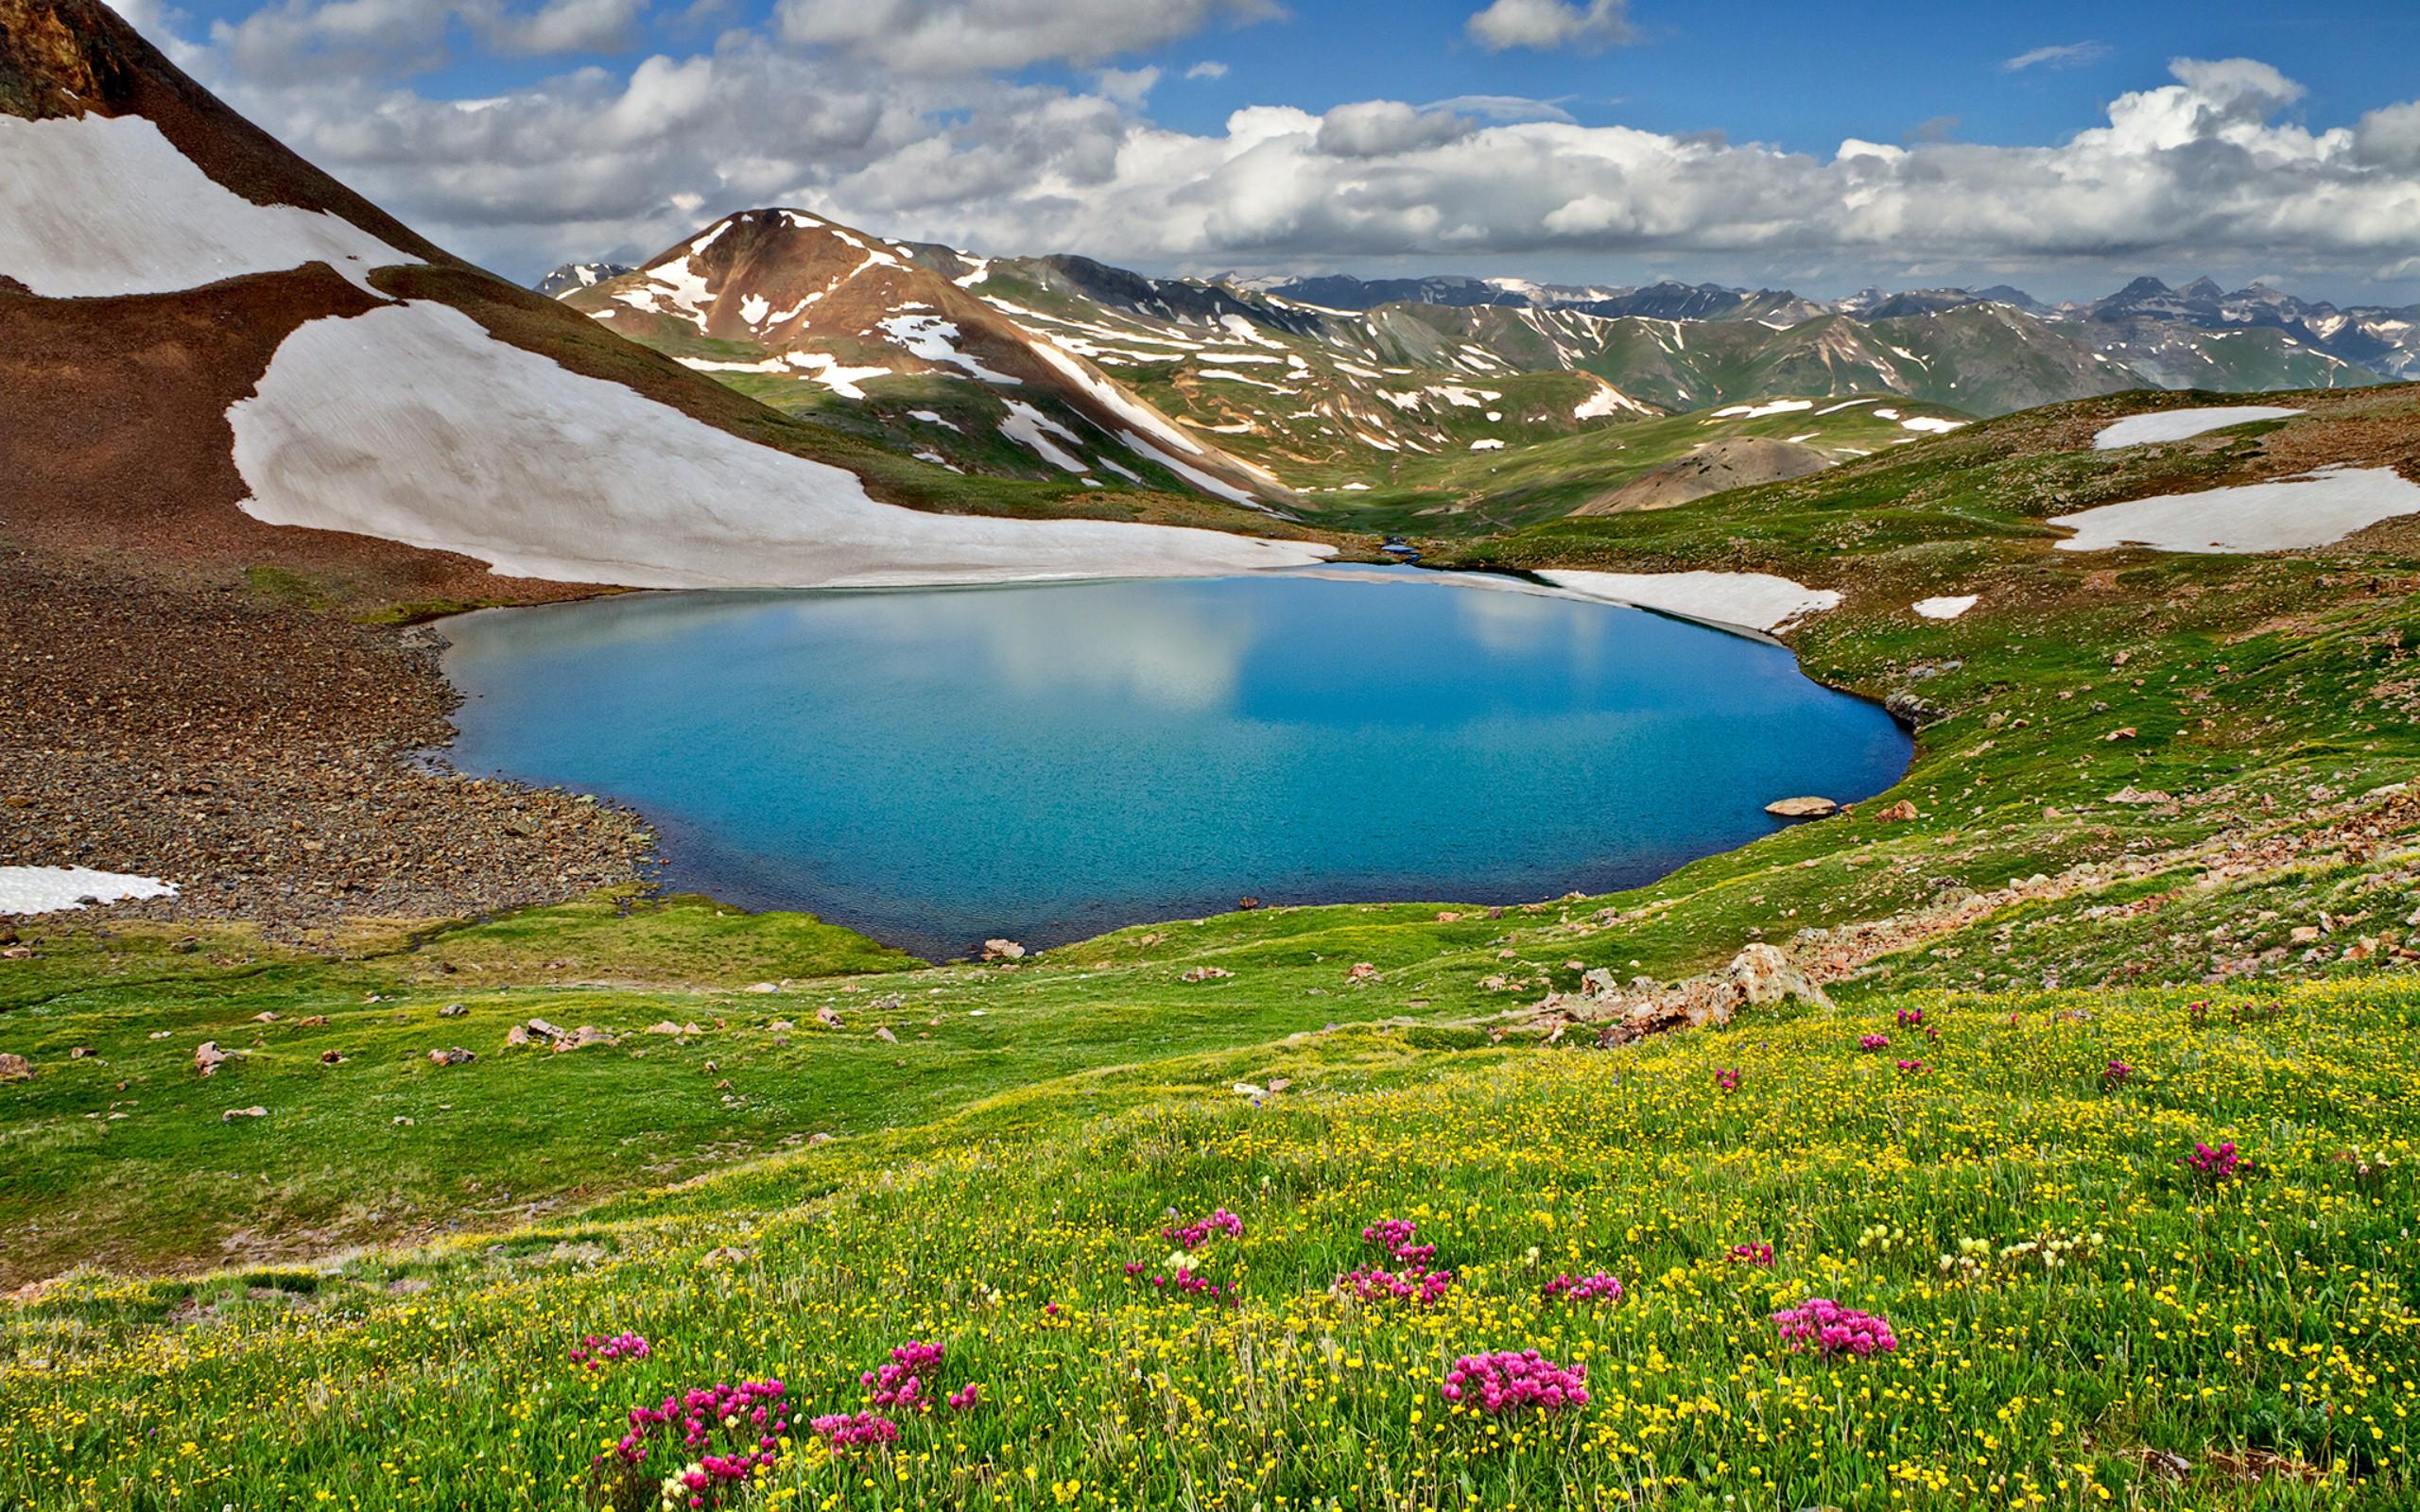 Fotografias increibles de paisajes - 2560x1600